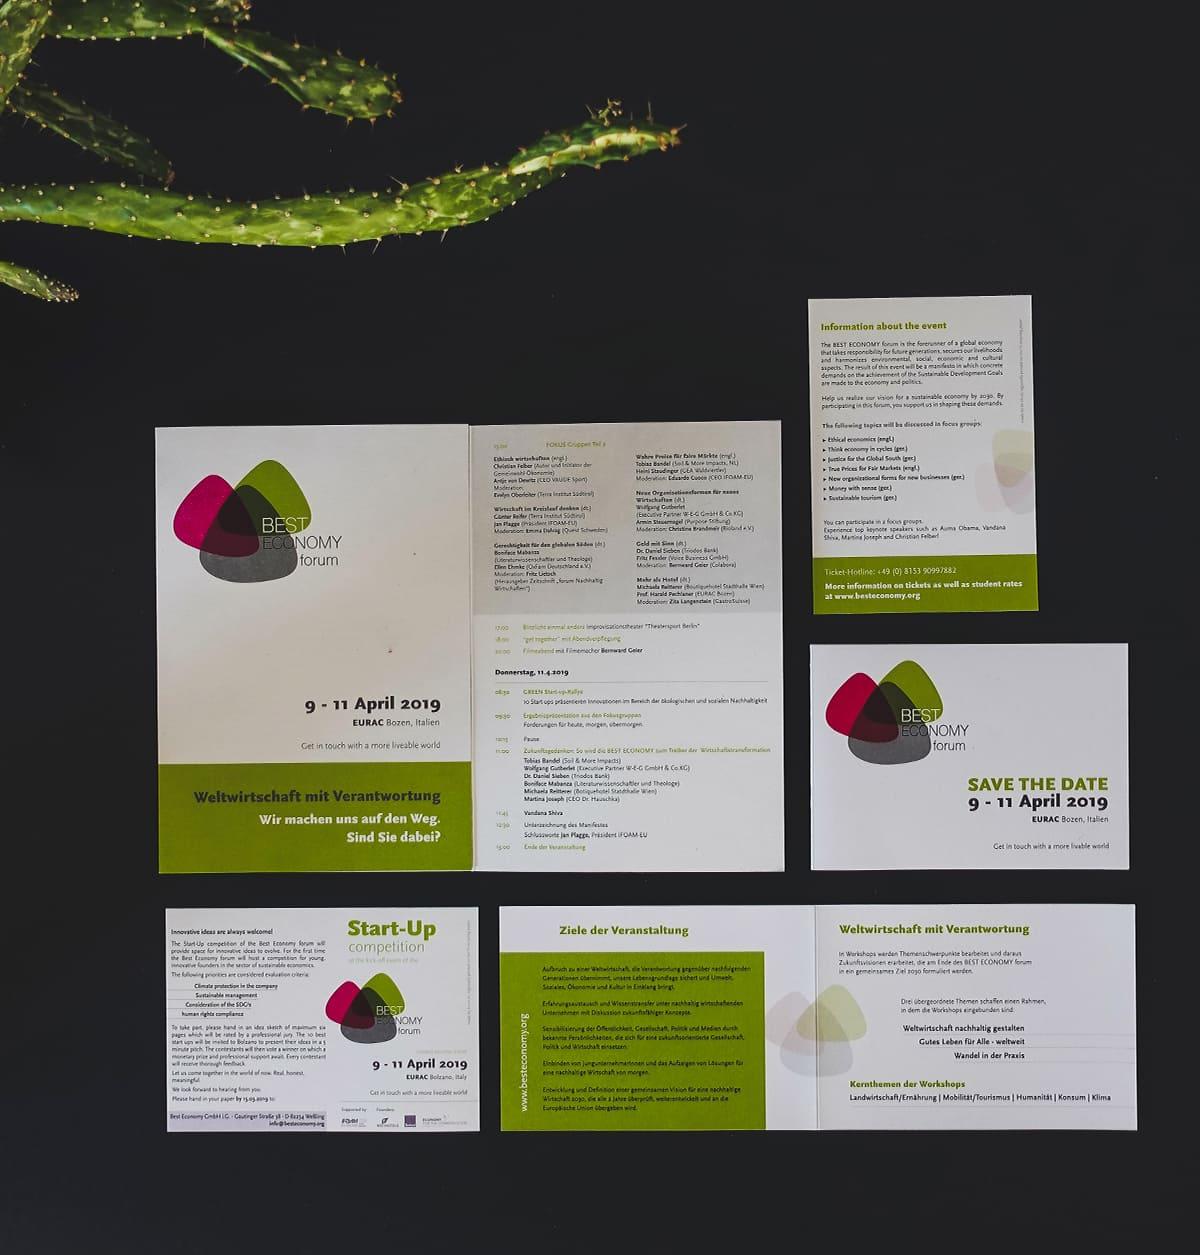 be-oh Marketing nachhaltige Agentur Grafikdesign Best economy forum